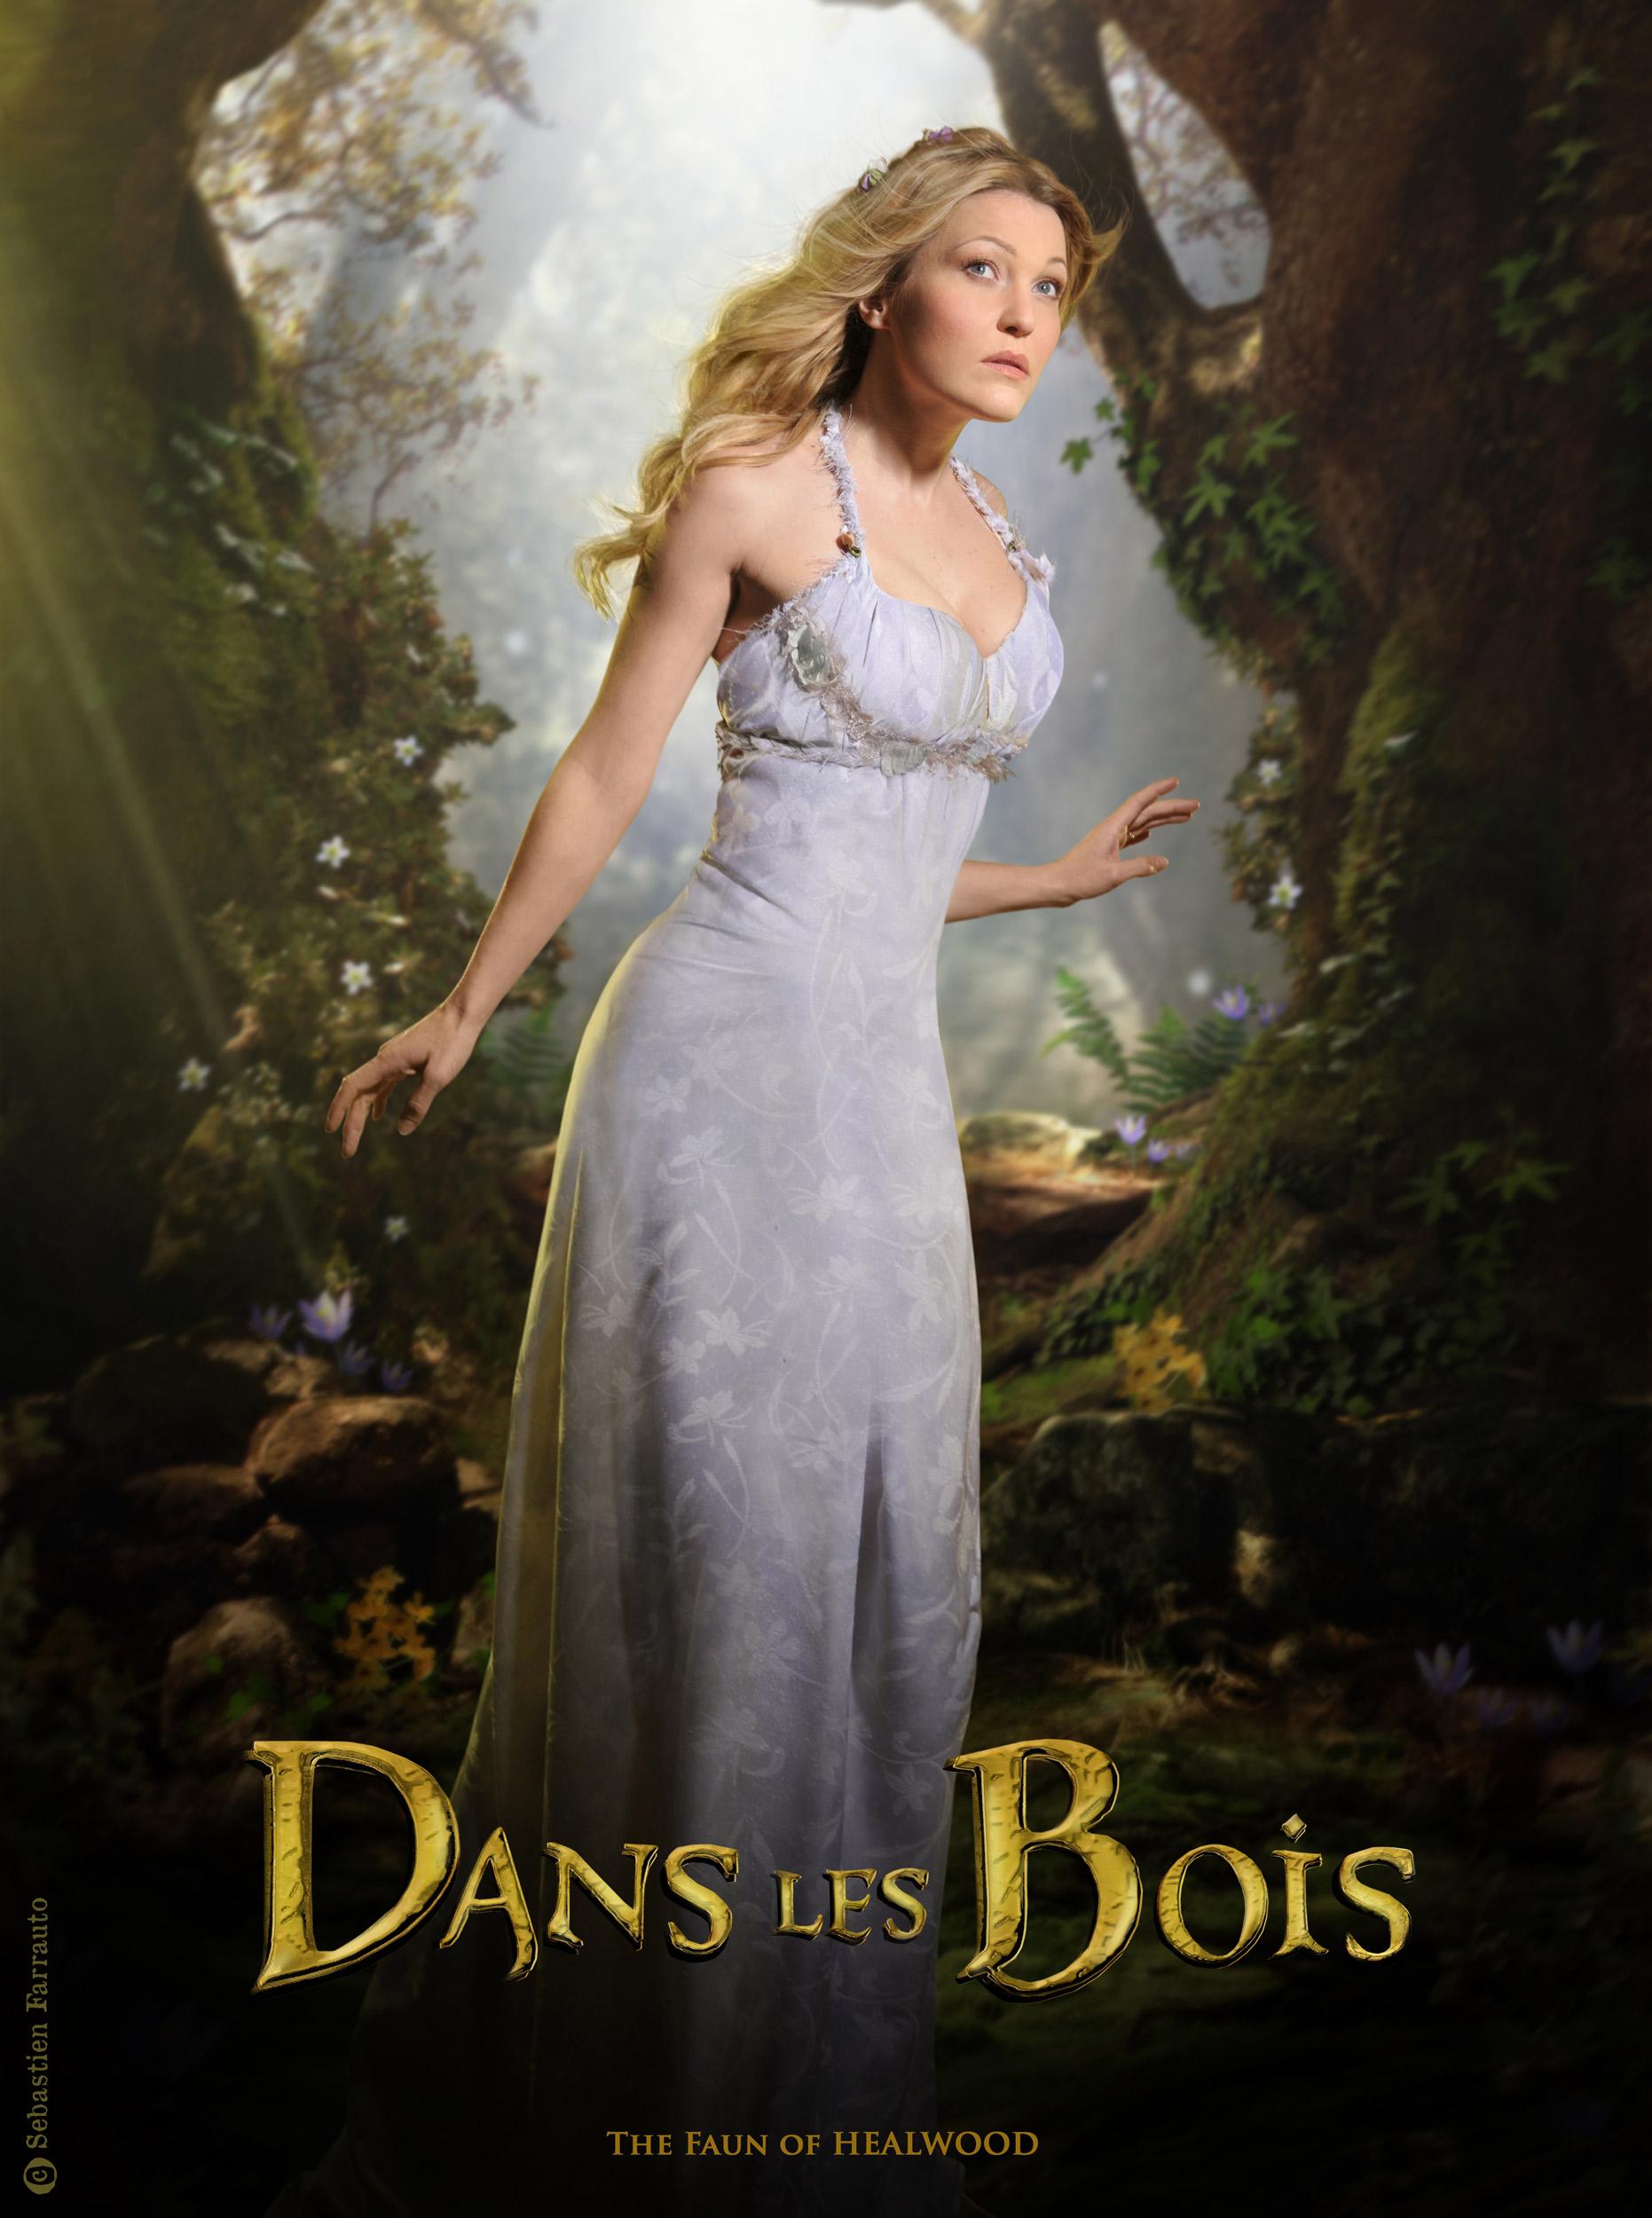 Dans Les Bois (The Faun of Healwood)